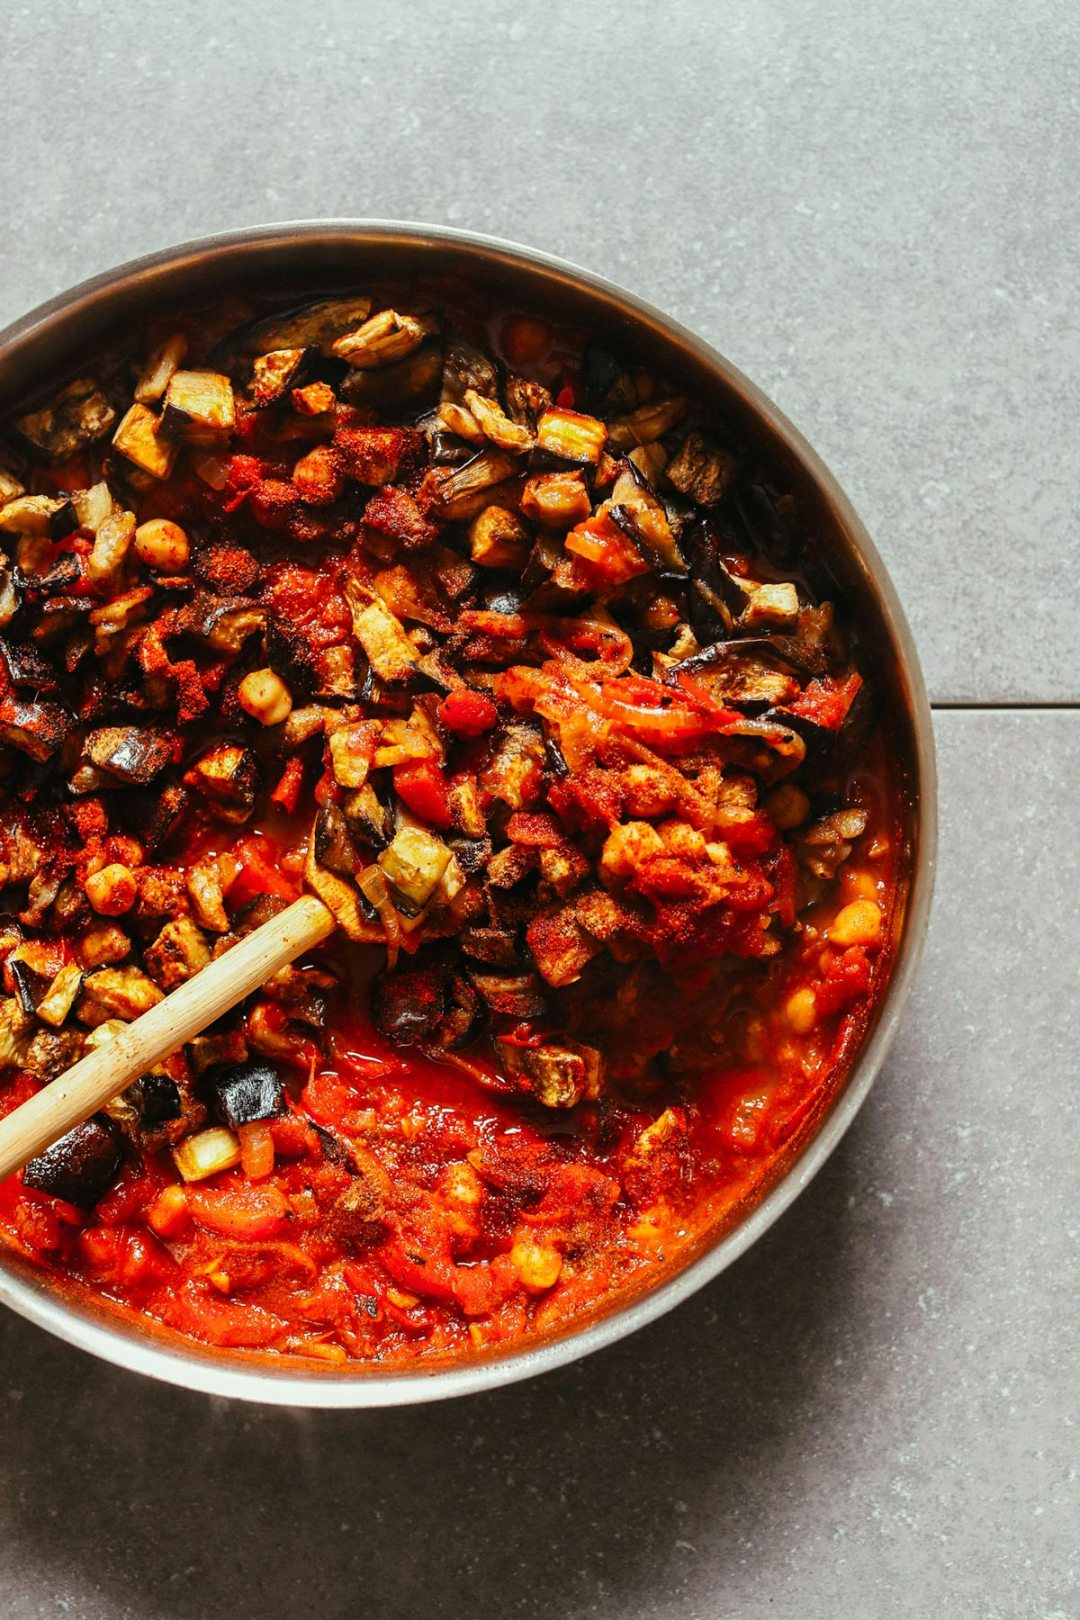 摩洛哥五香烤茄子番茄燉